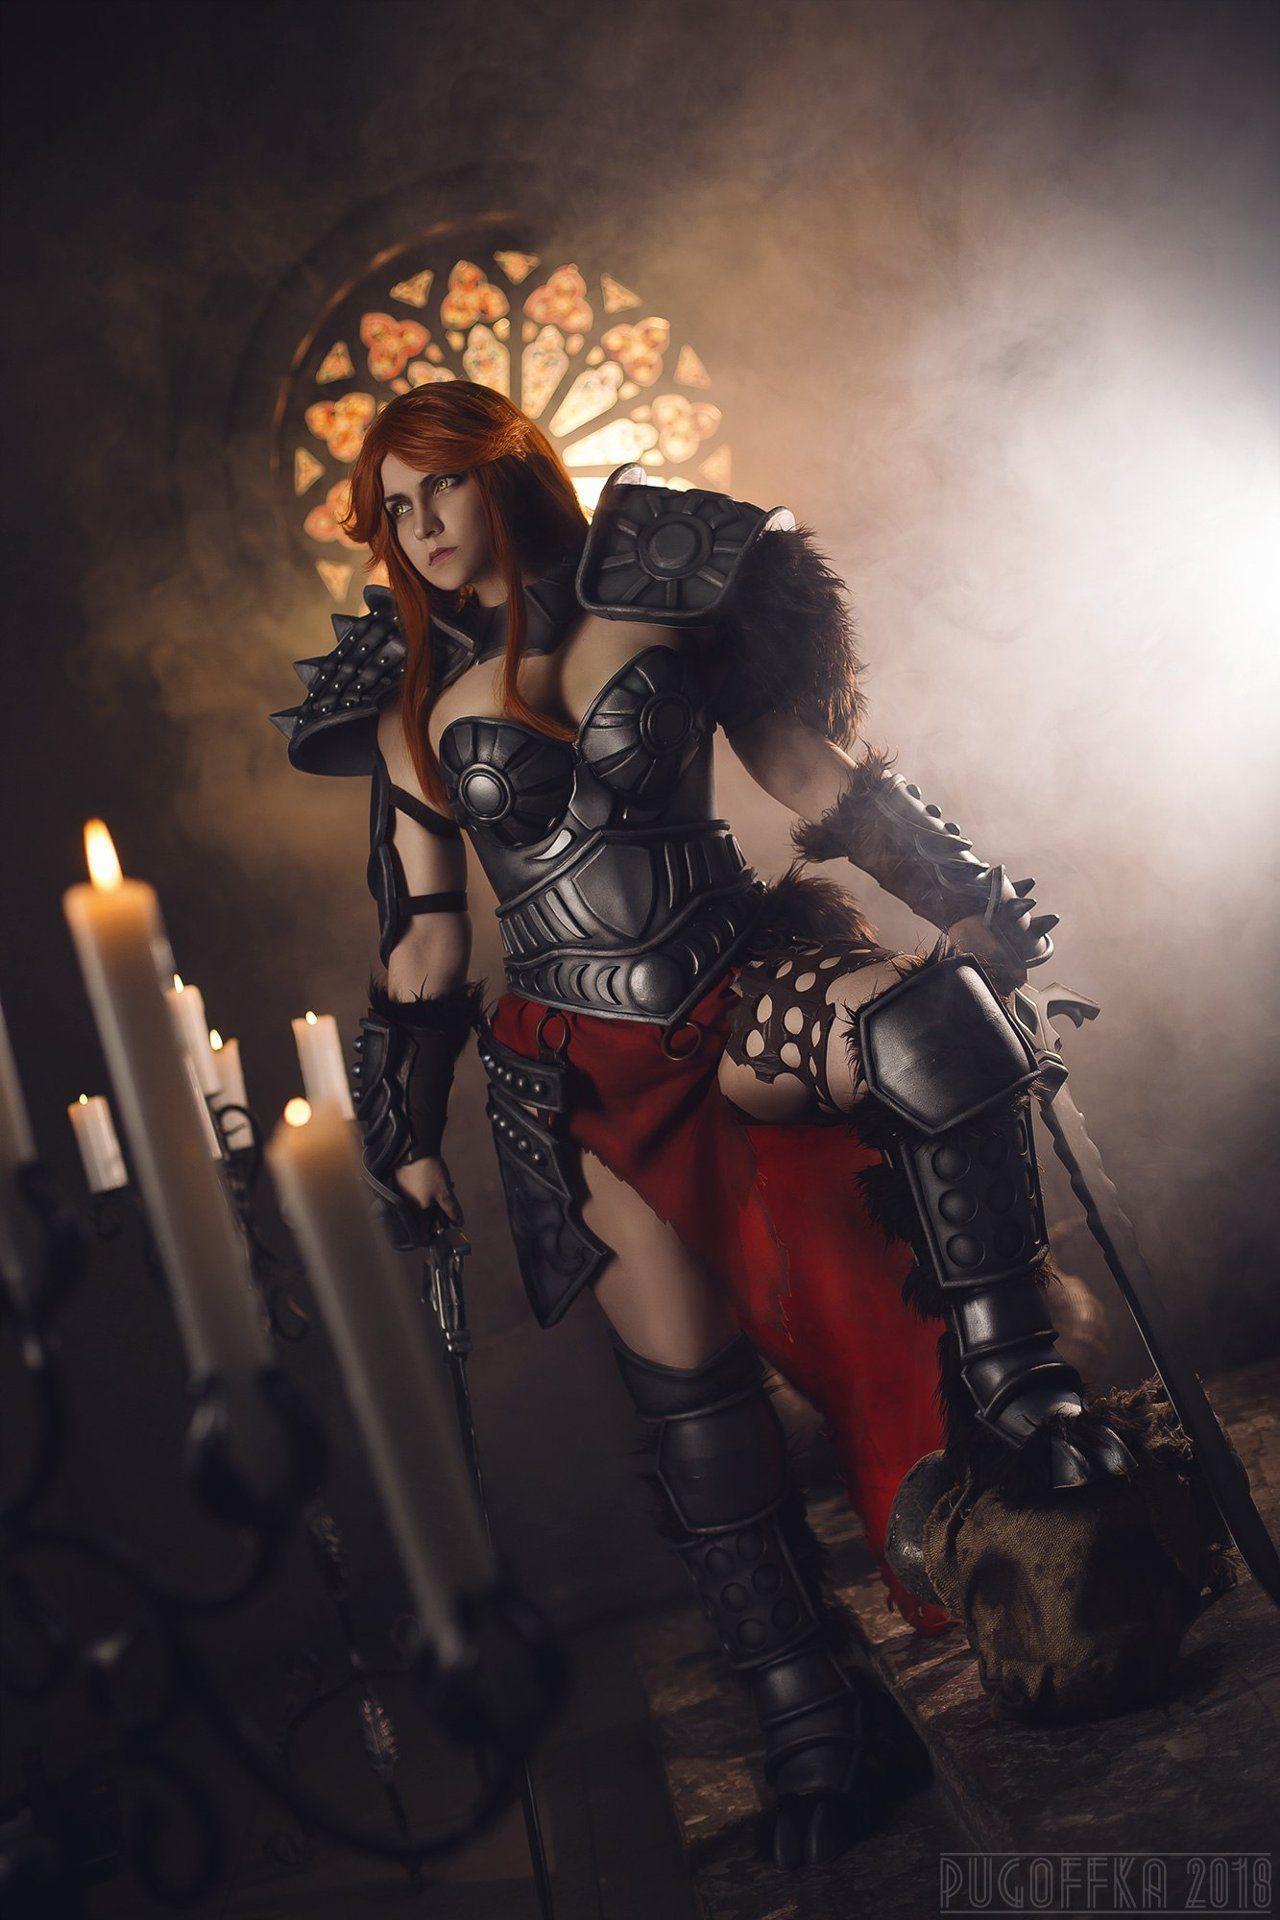 俄罗斯美女Cos暗黑破坏神野蛮人 高颜值妖娆身材